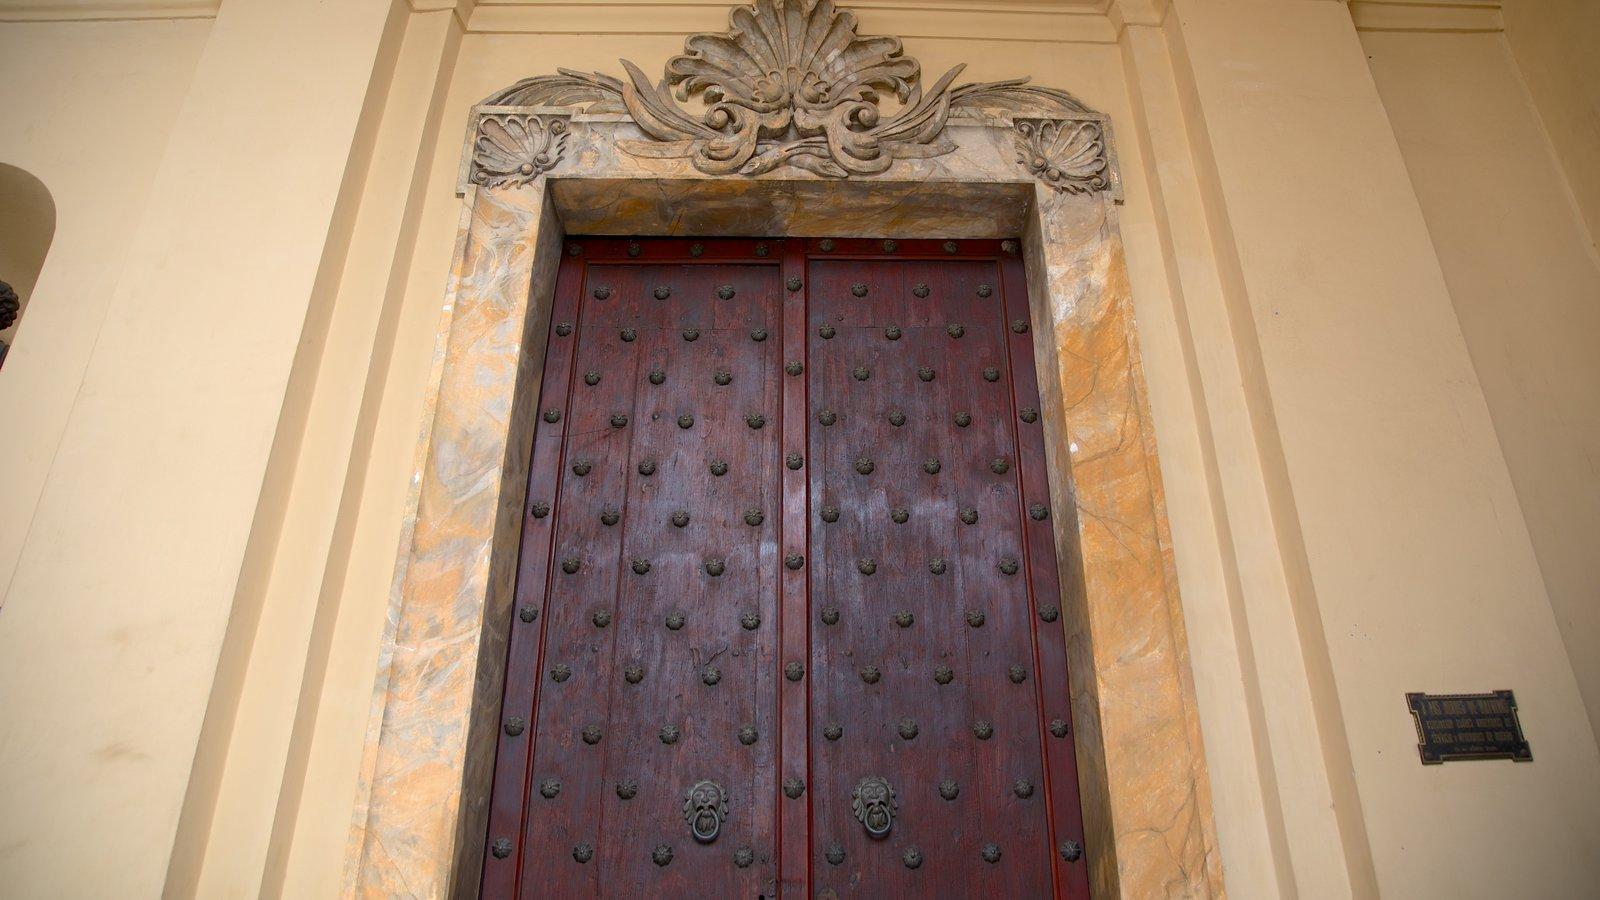 Catedral de Cordoba caracterizando uma igreja ou catedral, elementos religiosos e arquitetura de patrimônio